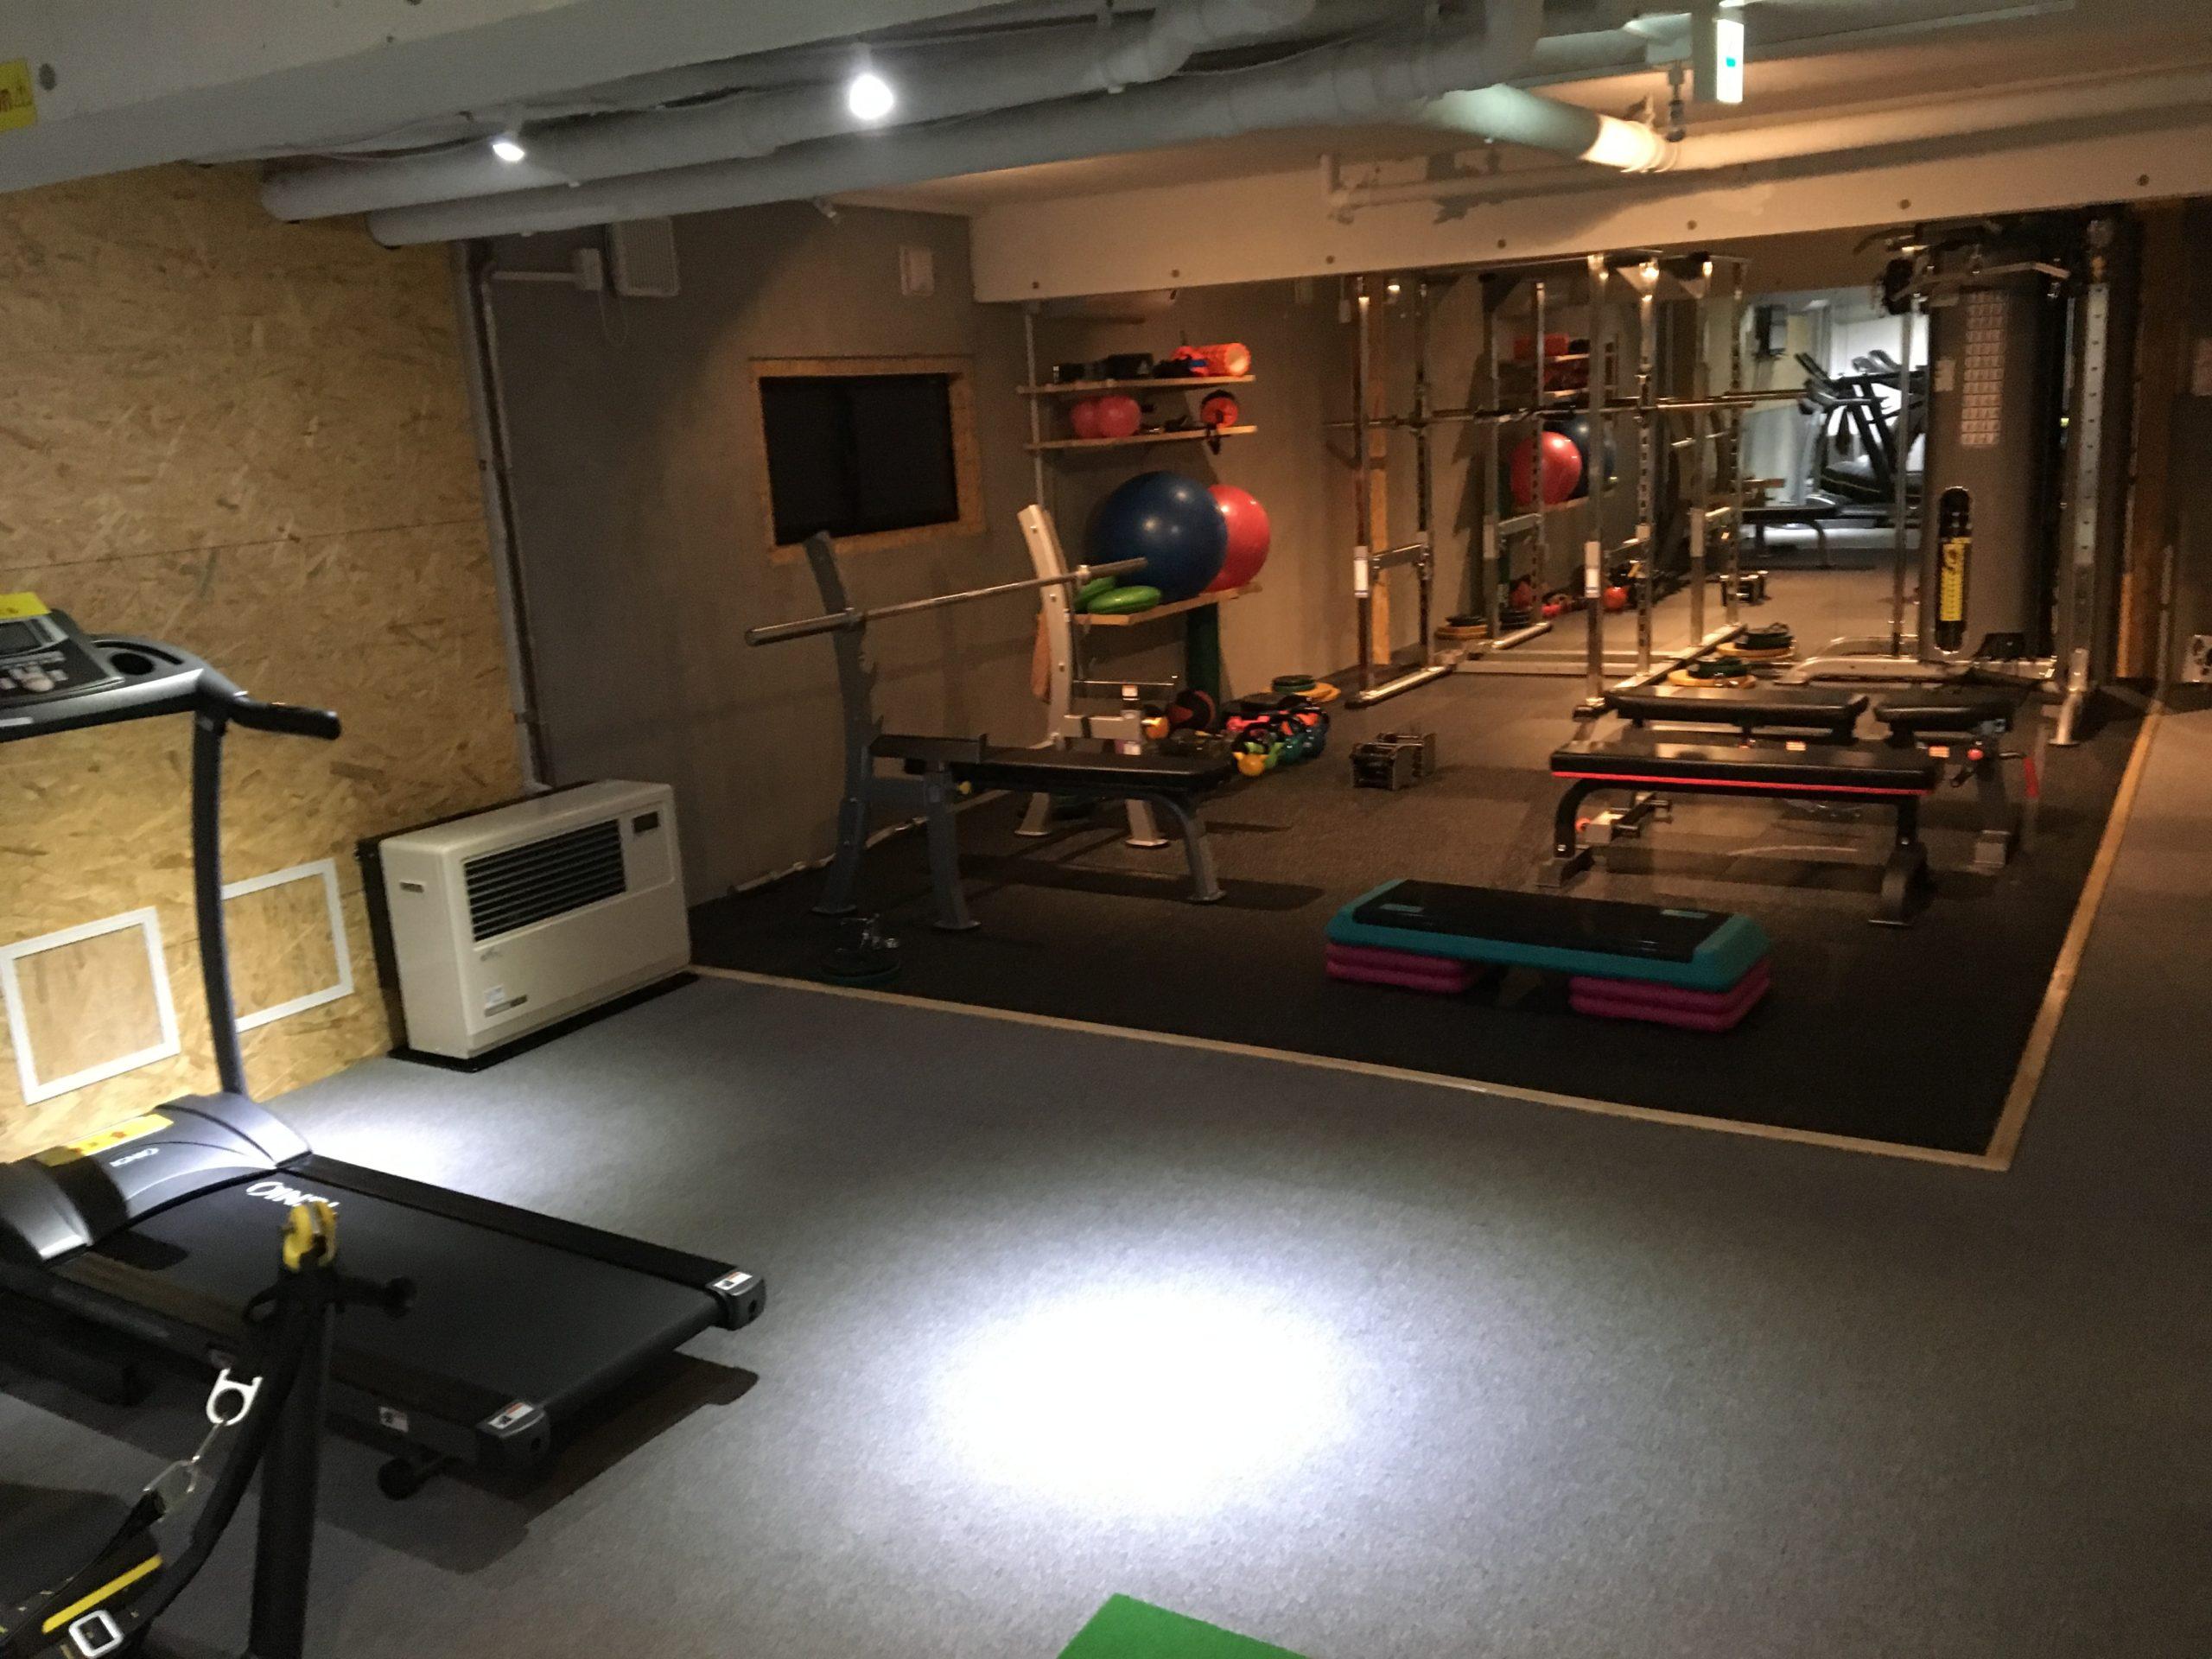 パーソナルトレーニングジム ダック 札幌店の施設画像